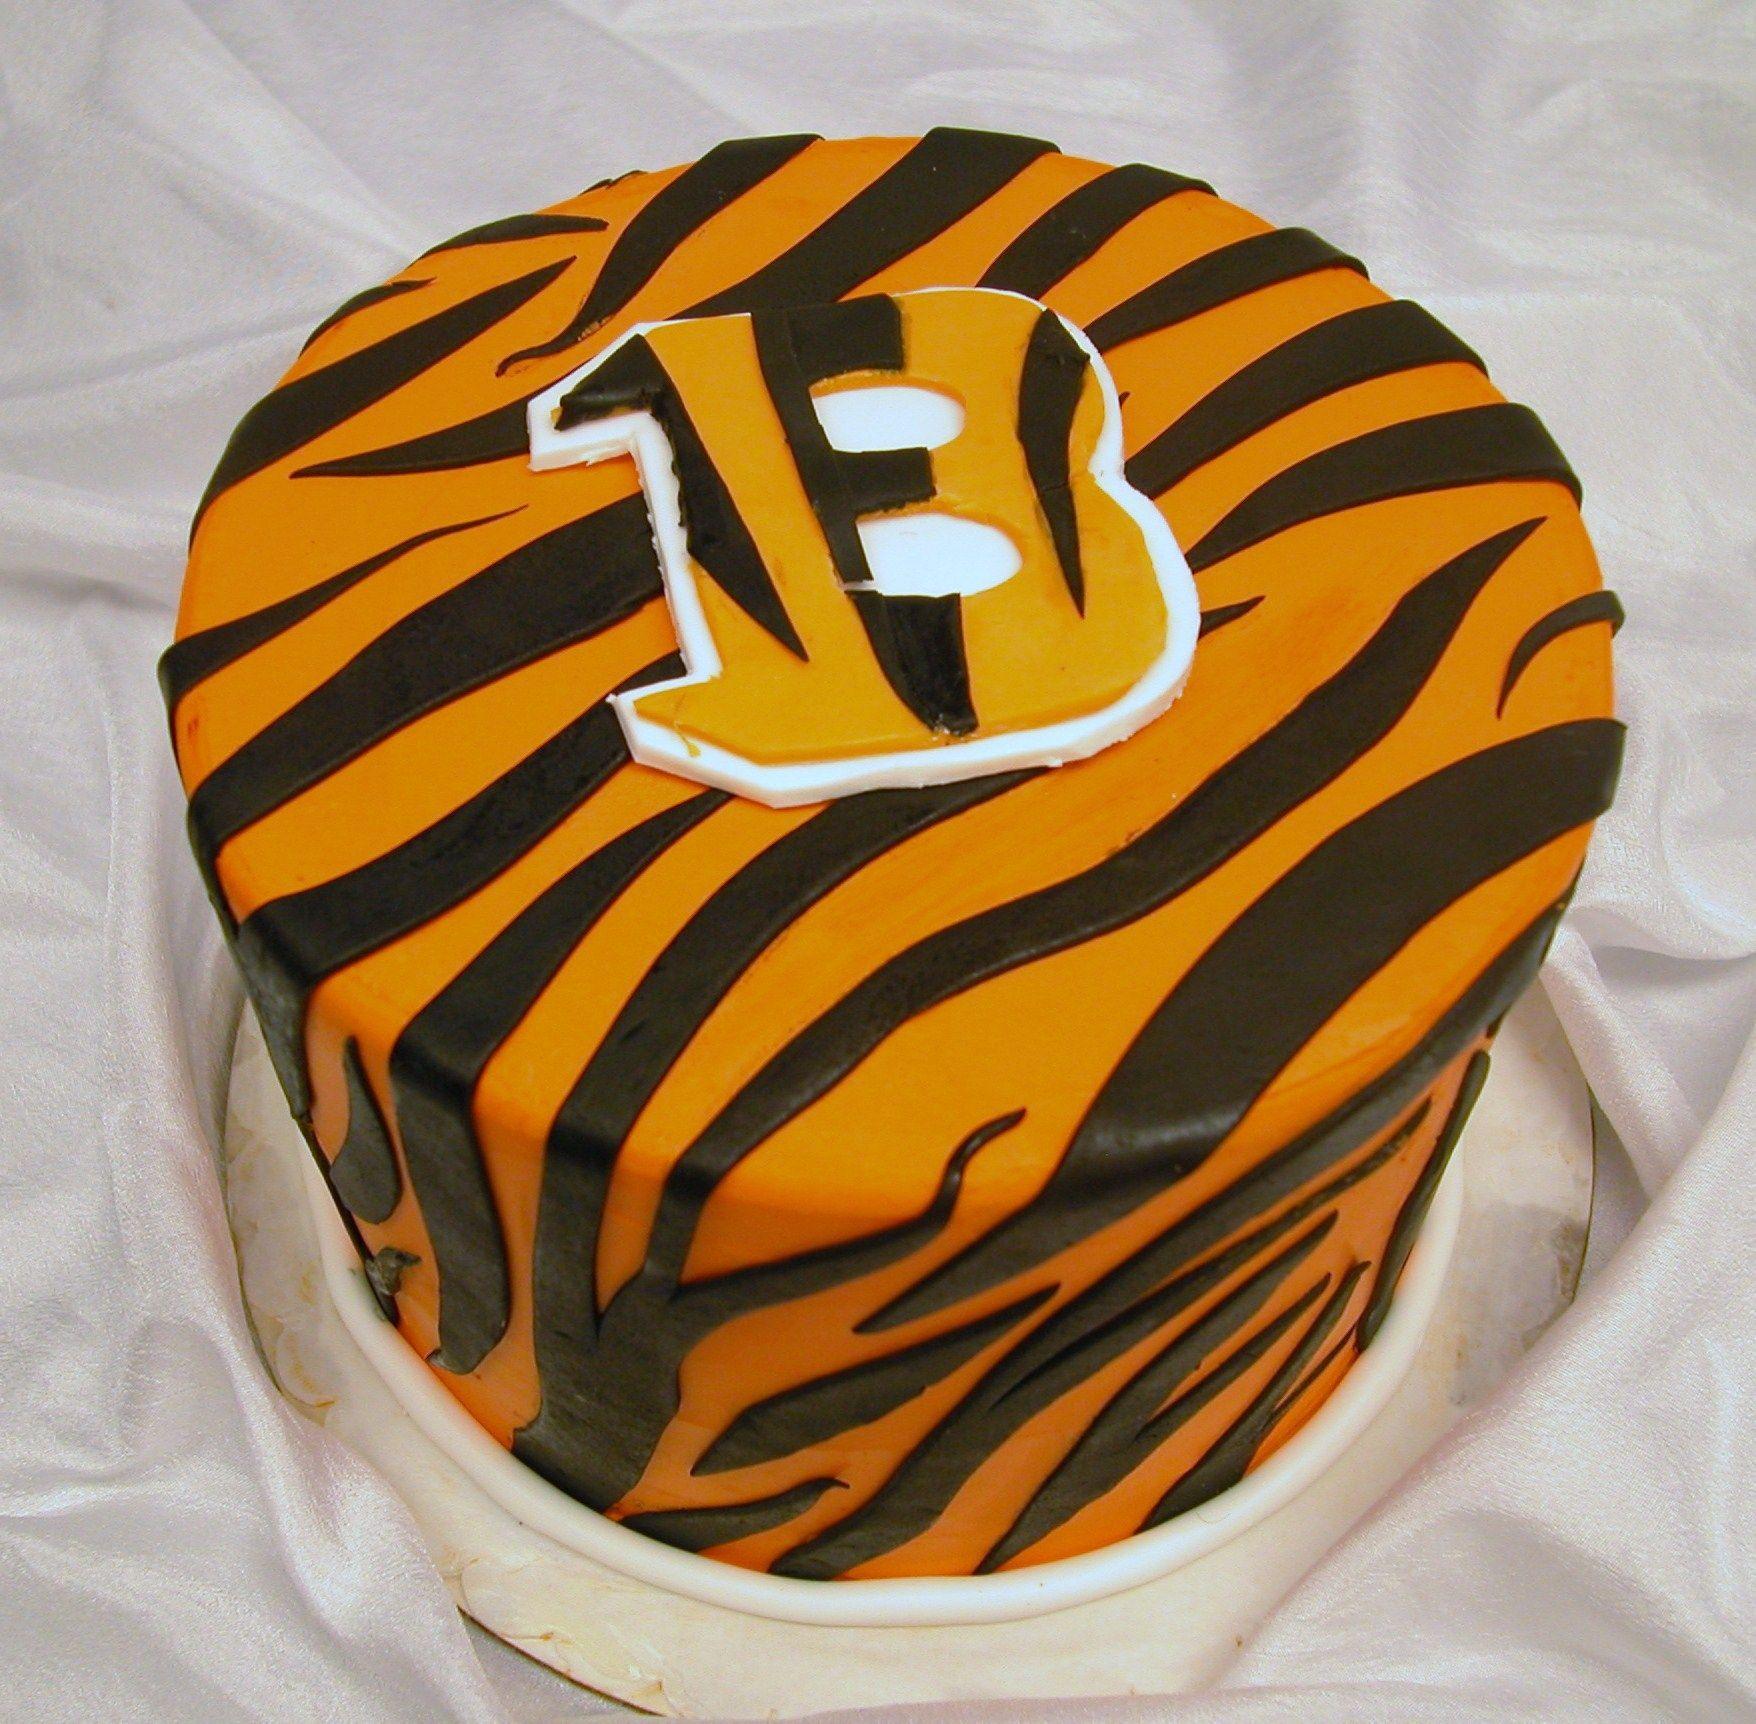 Designing His Grooms cake Cake and Wedding cake